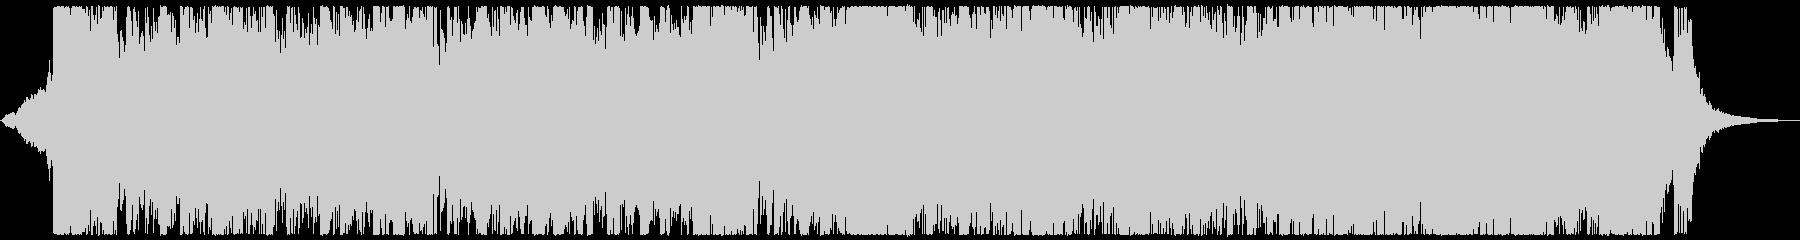 クラシック 交響曲 バトル 焦り ...の未再生の波形